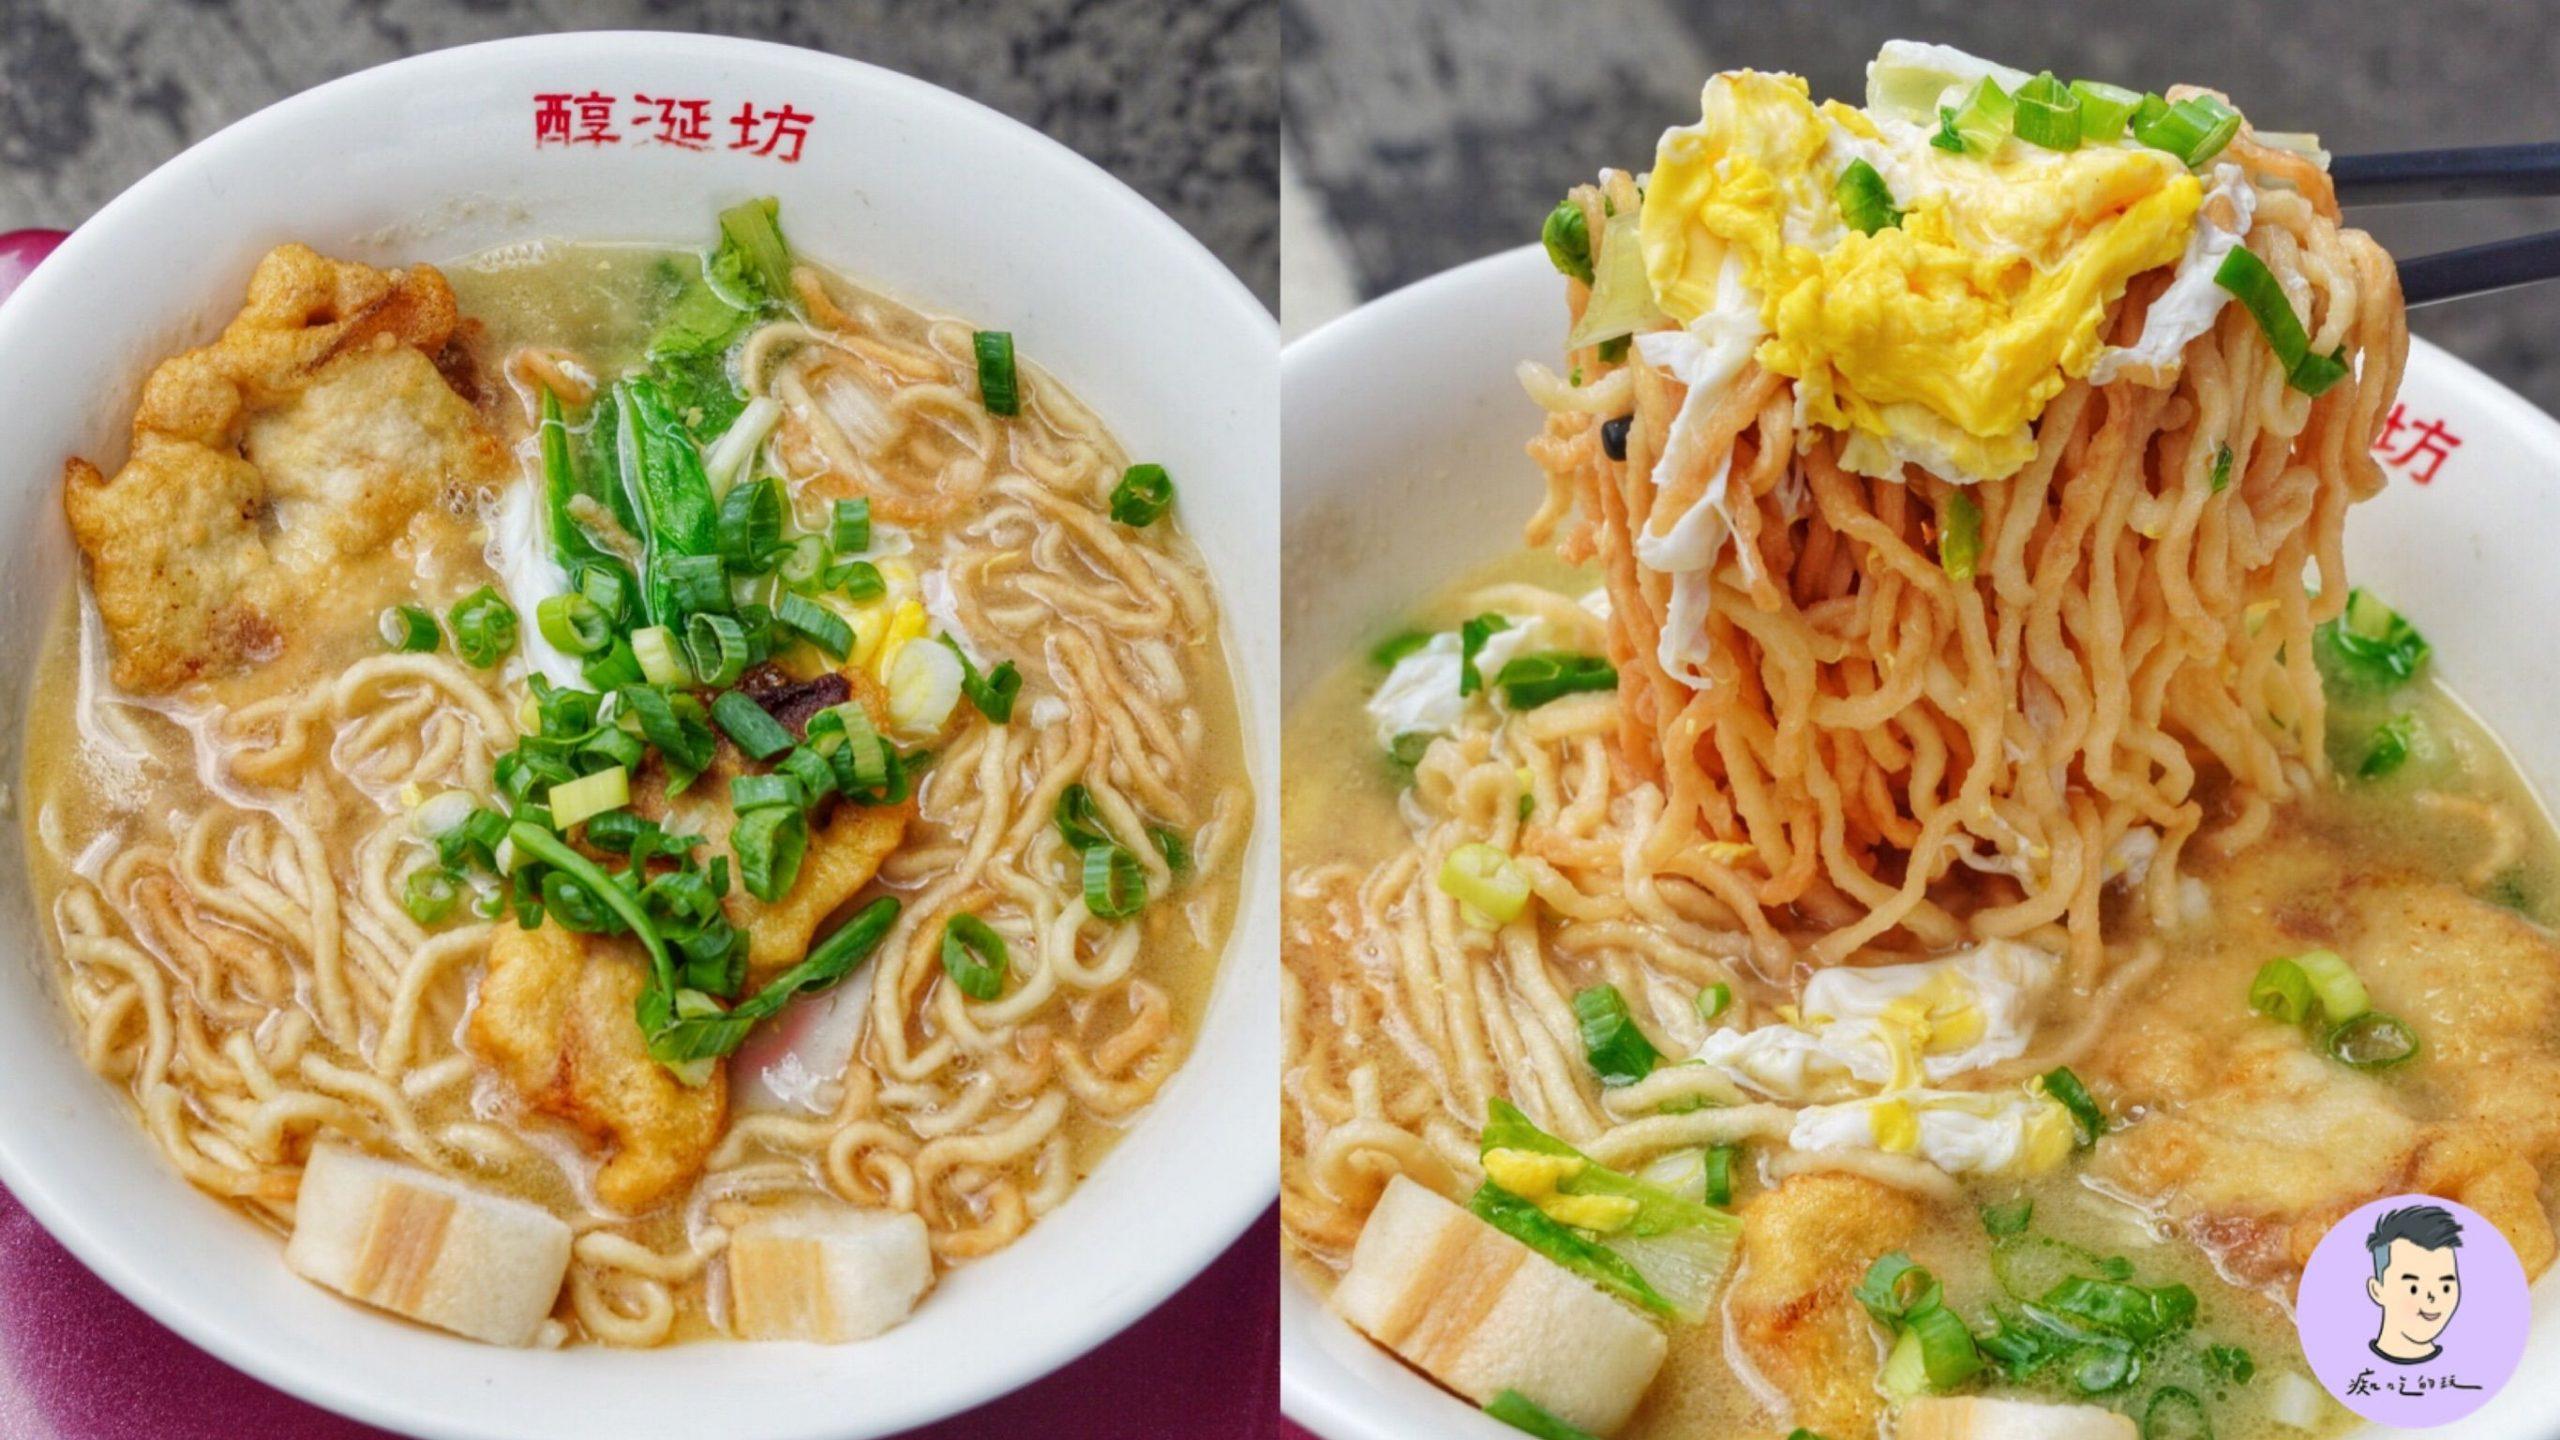 台南最早6點營業【醇涎坊鍋燒意麵】 超好吃鍋燒意麵!! 心中前三經典美味,假日都要排隊